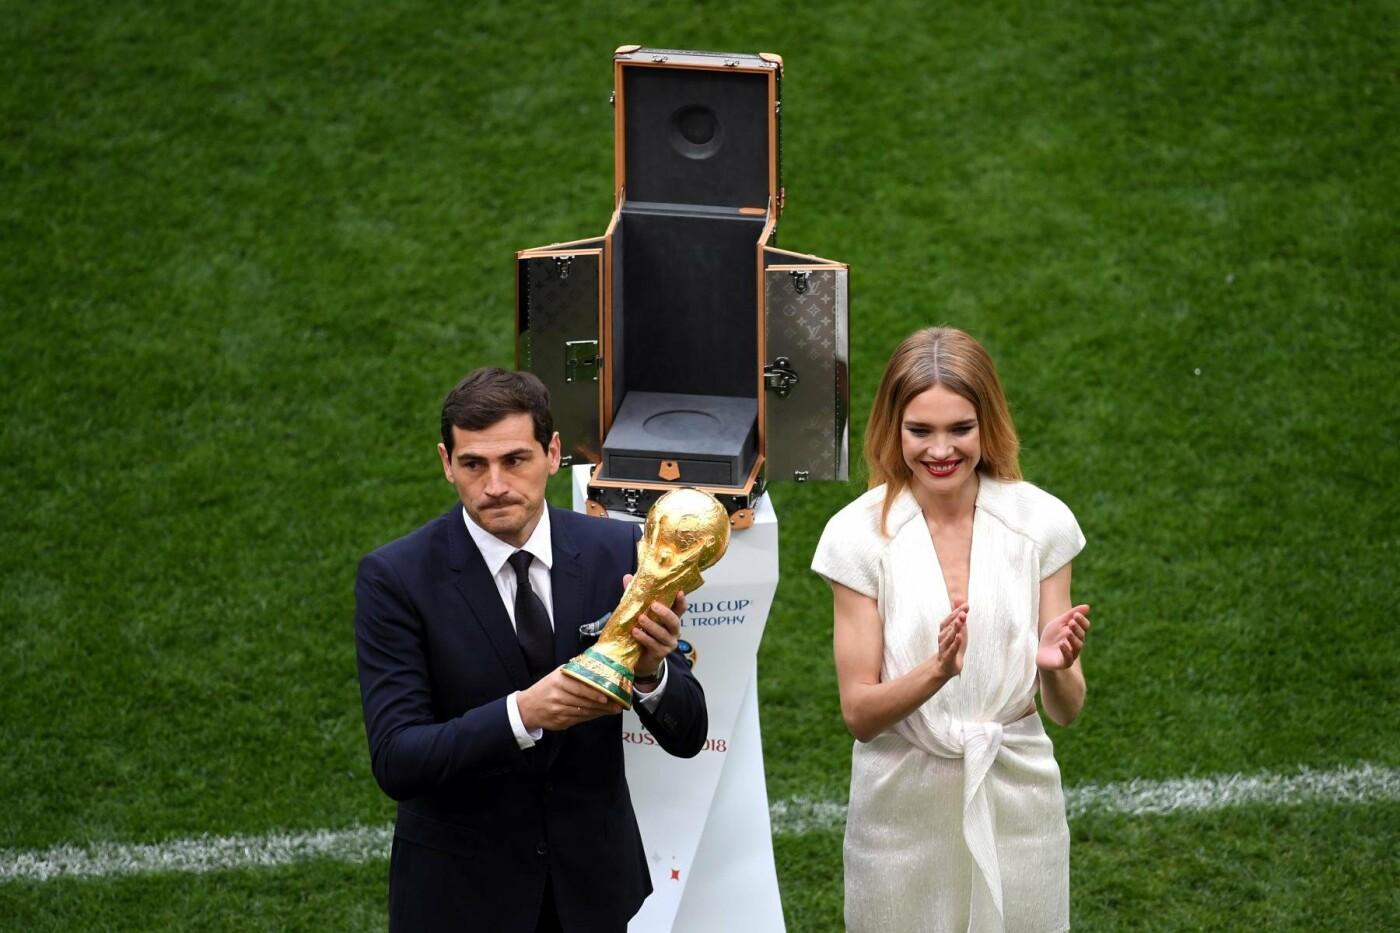 Презентация Кубка чемпионата мира ФИФА - Фото предоставлено пресс-службой Международной федерации футбола